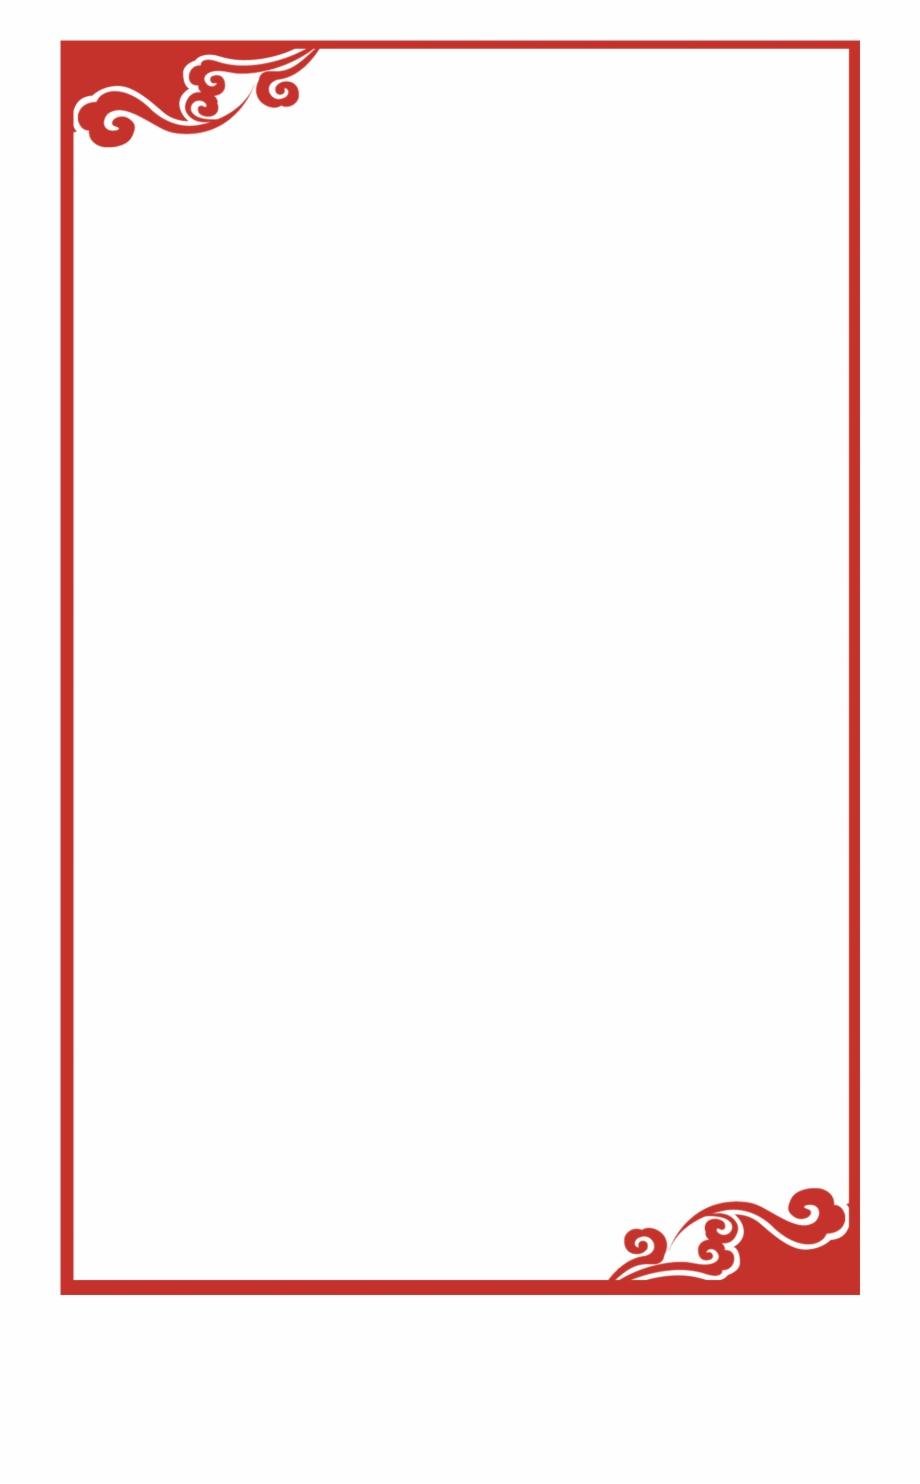 Red Border Transparent Red Border Png File.